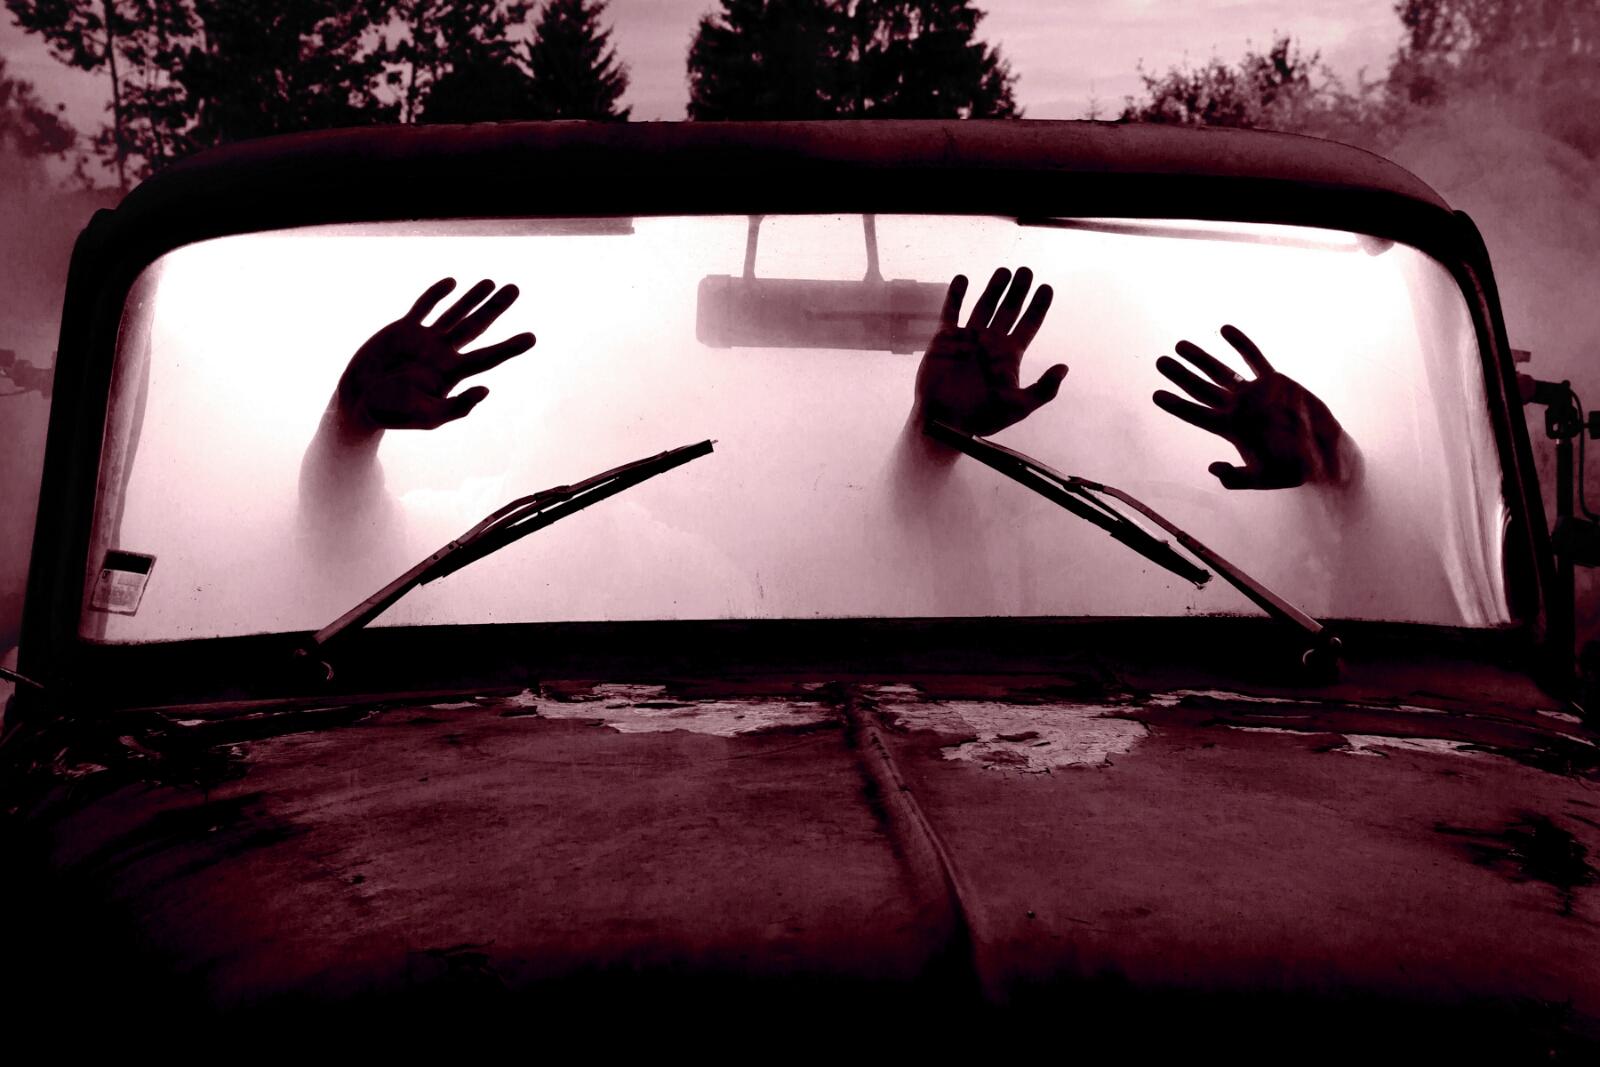 Машина трахает человека, как соблазнить тещу и ебать